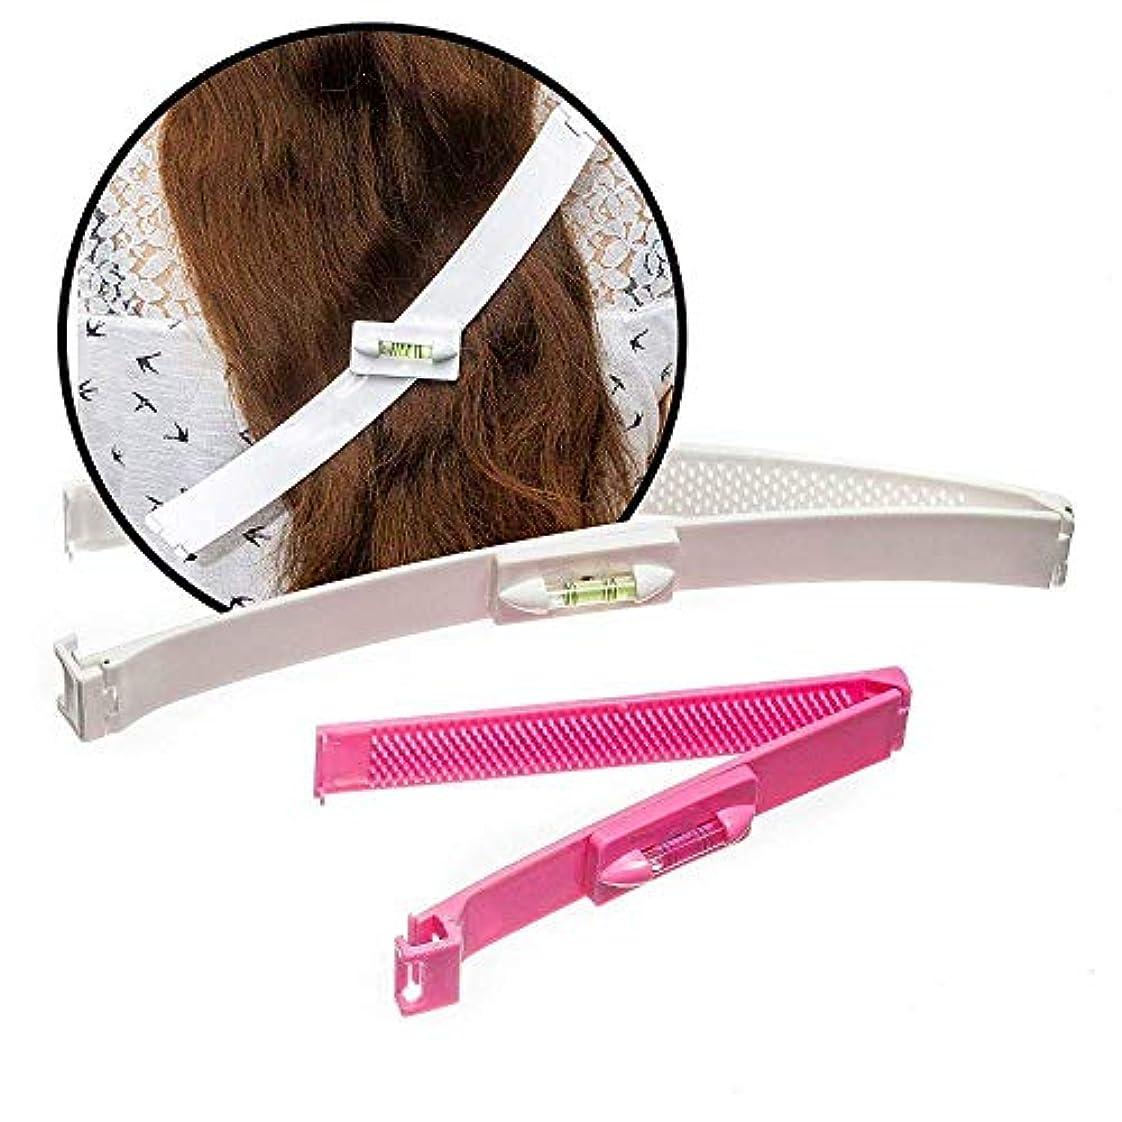 ホールドオール時系列下線Pichidr-JP 前髪カットクリップ日常生活DIYの前髪カット女性/女の子のための櫛カット